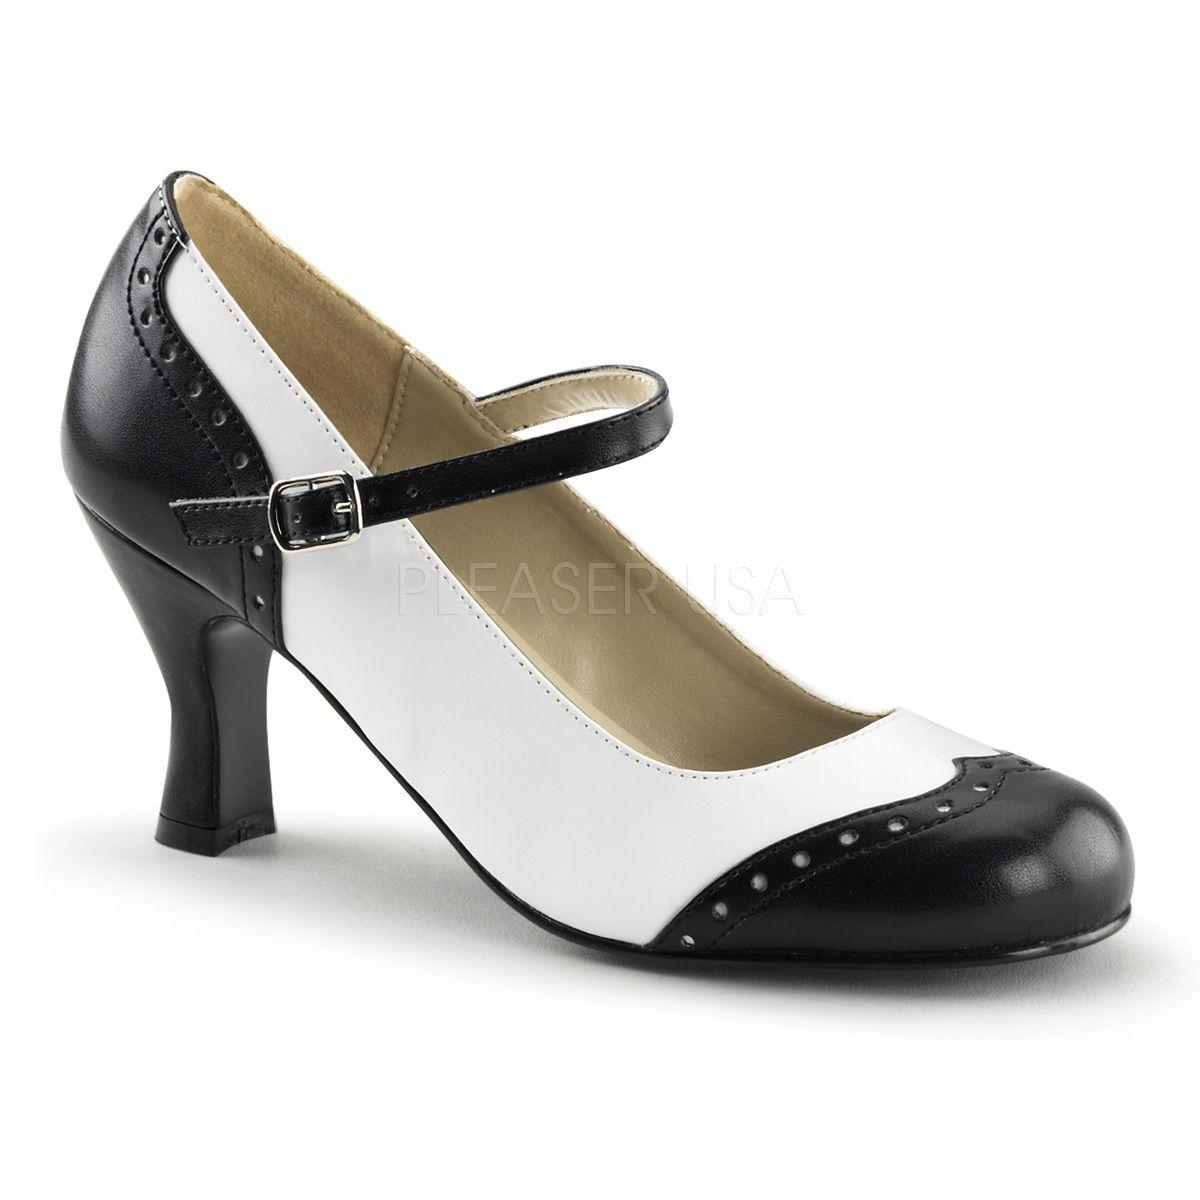 8b5e4d096bb Cool Footwear